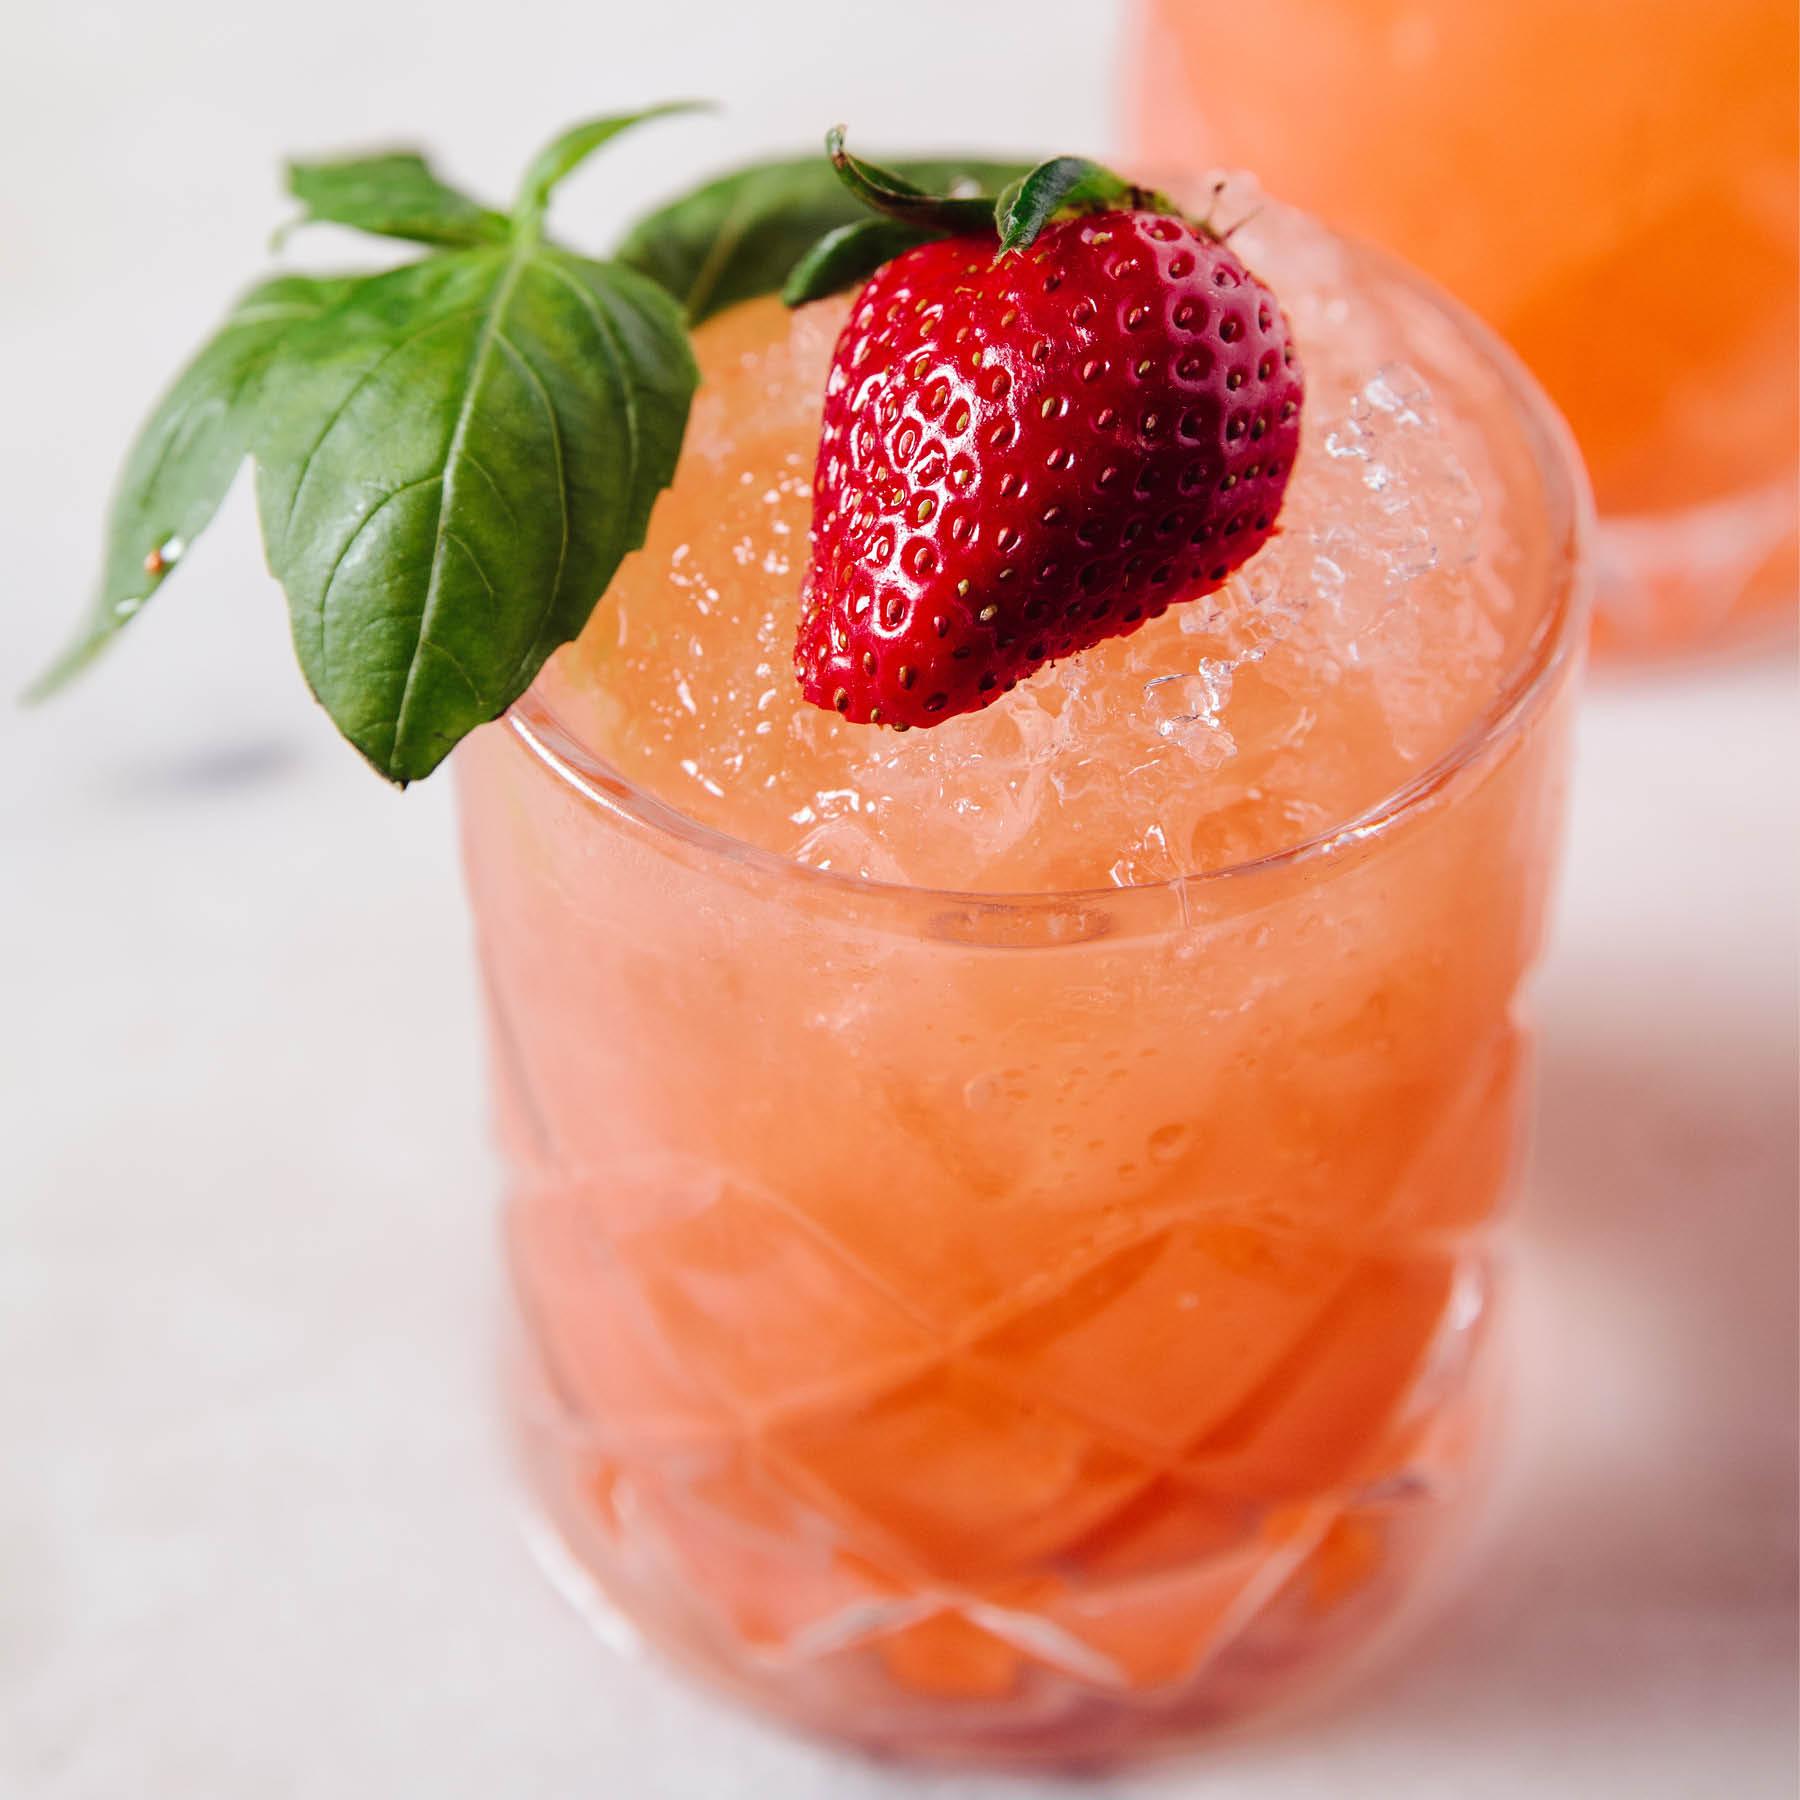 Strawberry Basil Sunset